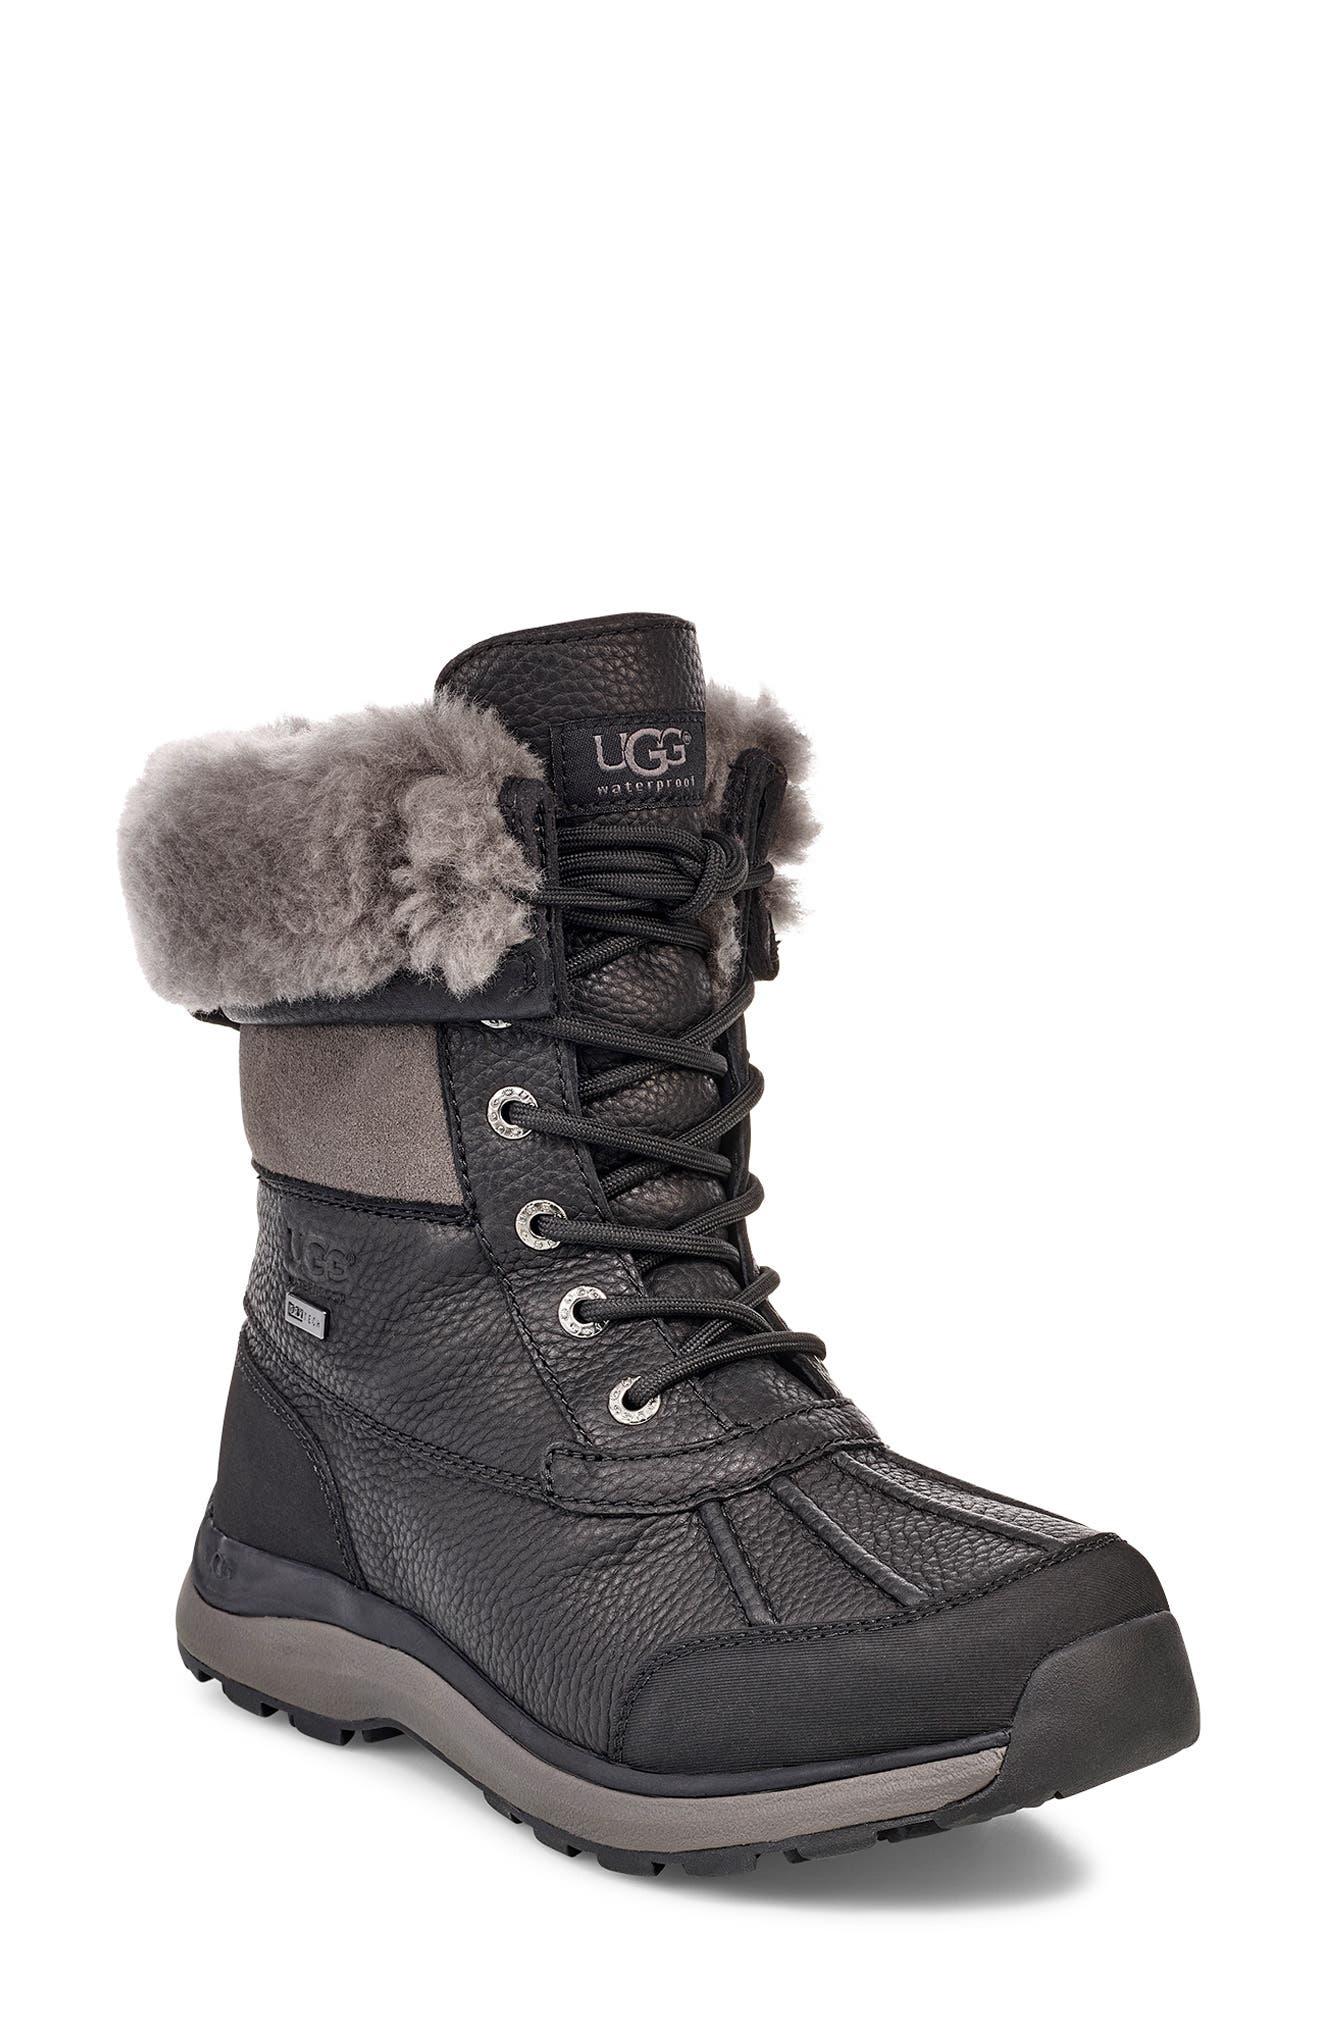 UGG® Adirondack III Waterproof Boot